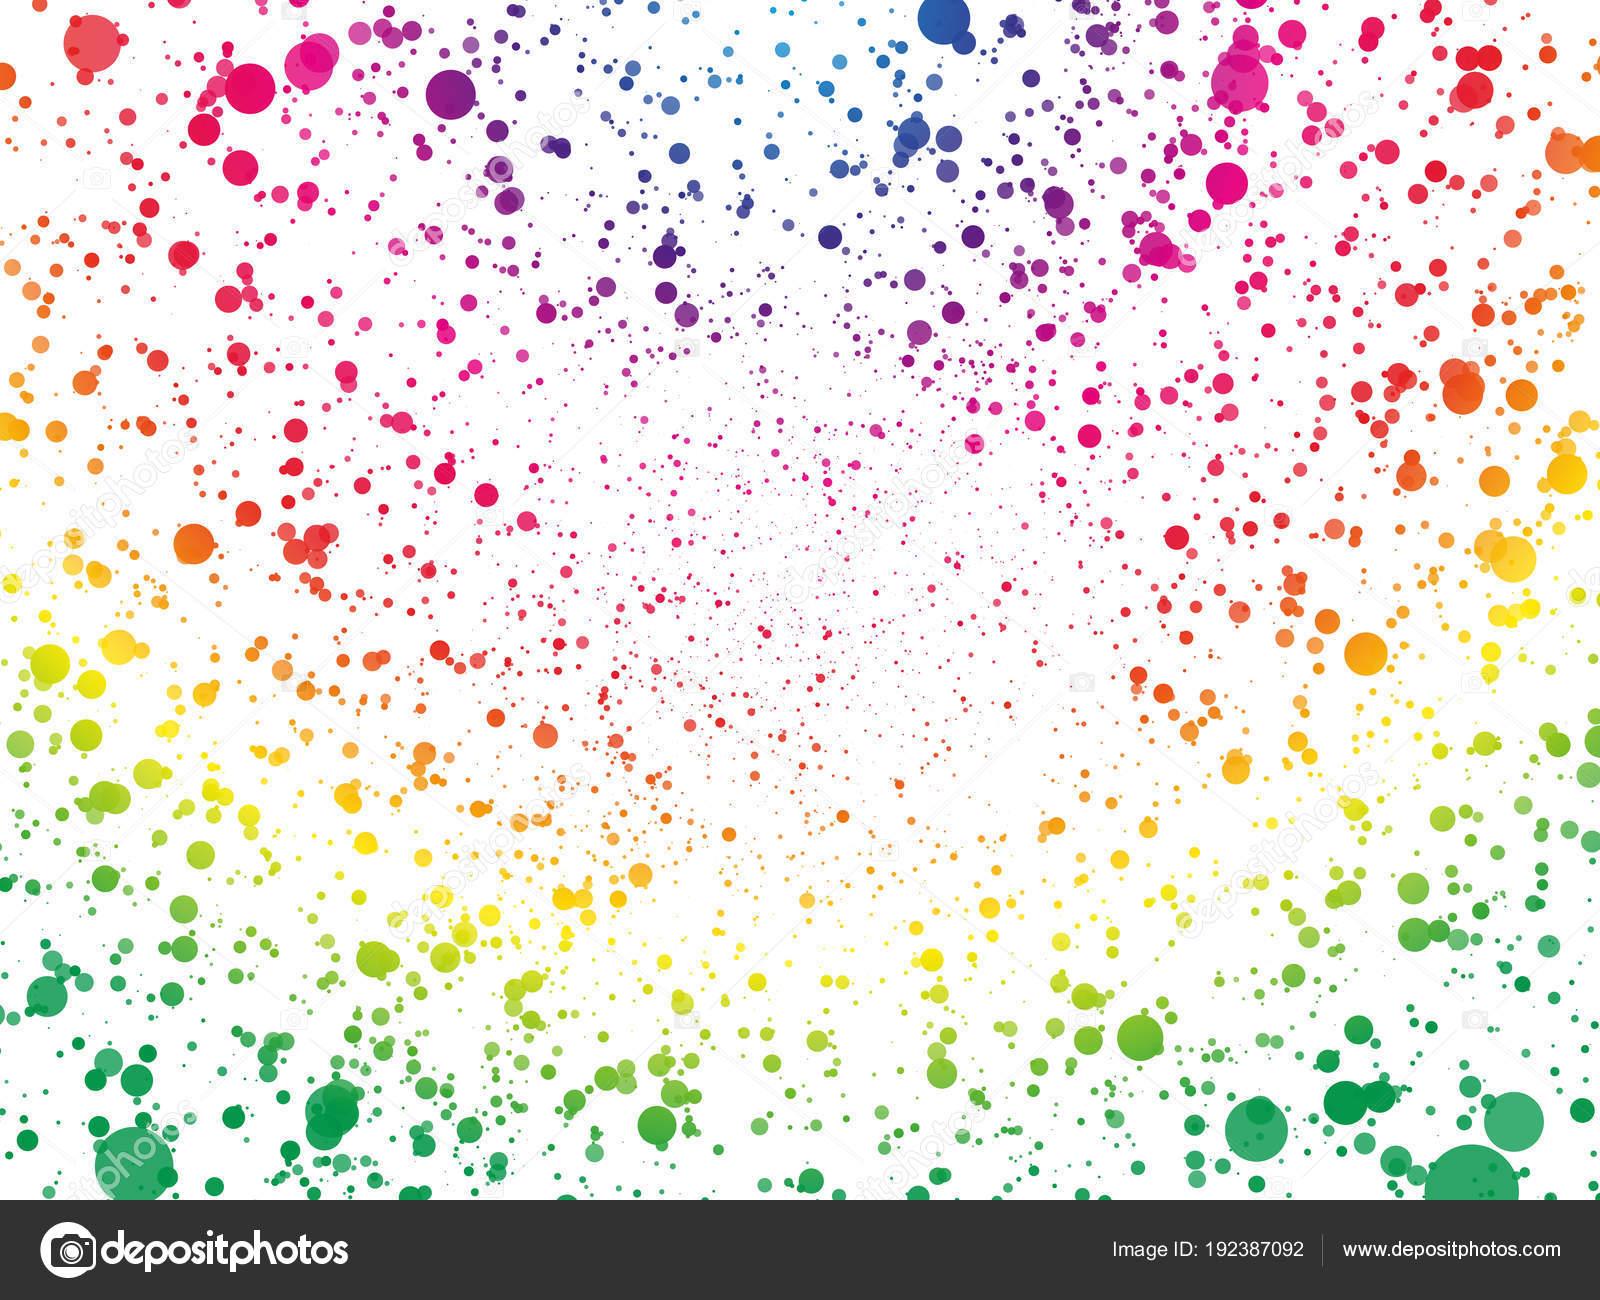 Fondo De Pantalla Abstracto Barras De Colores: Colores Fluorescentes Fondos De Pantalla